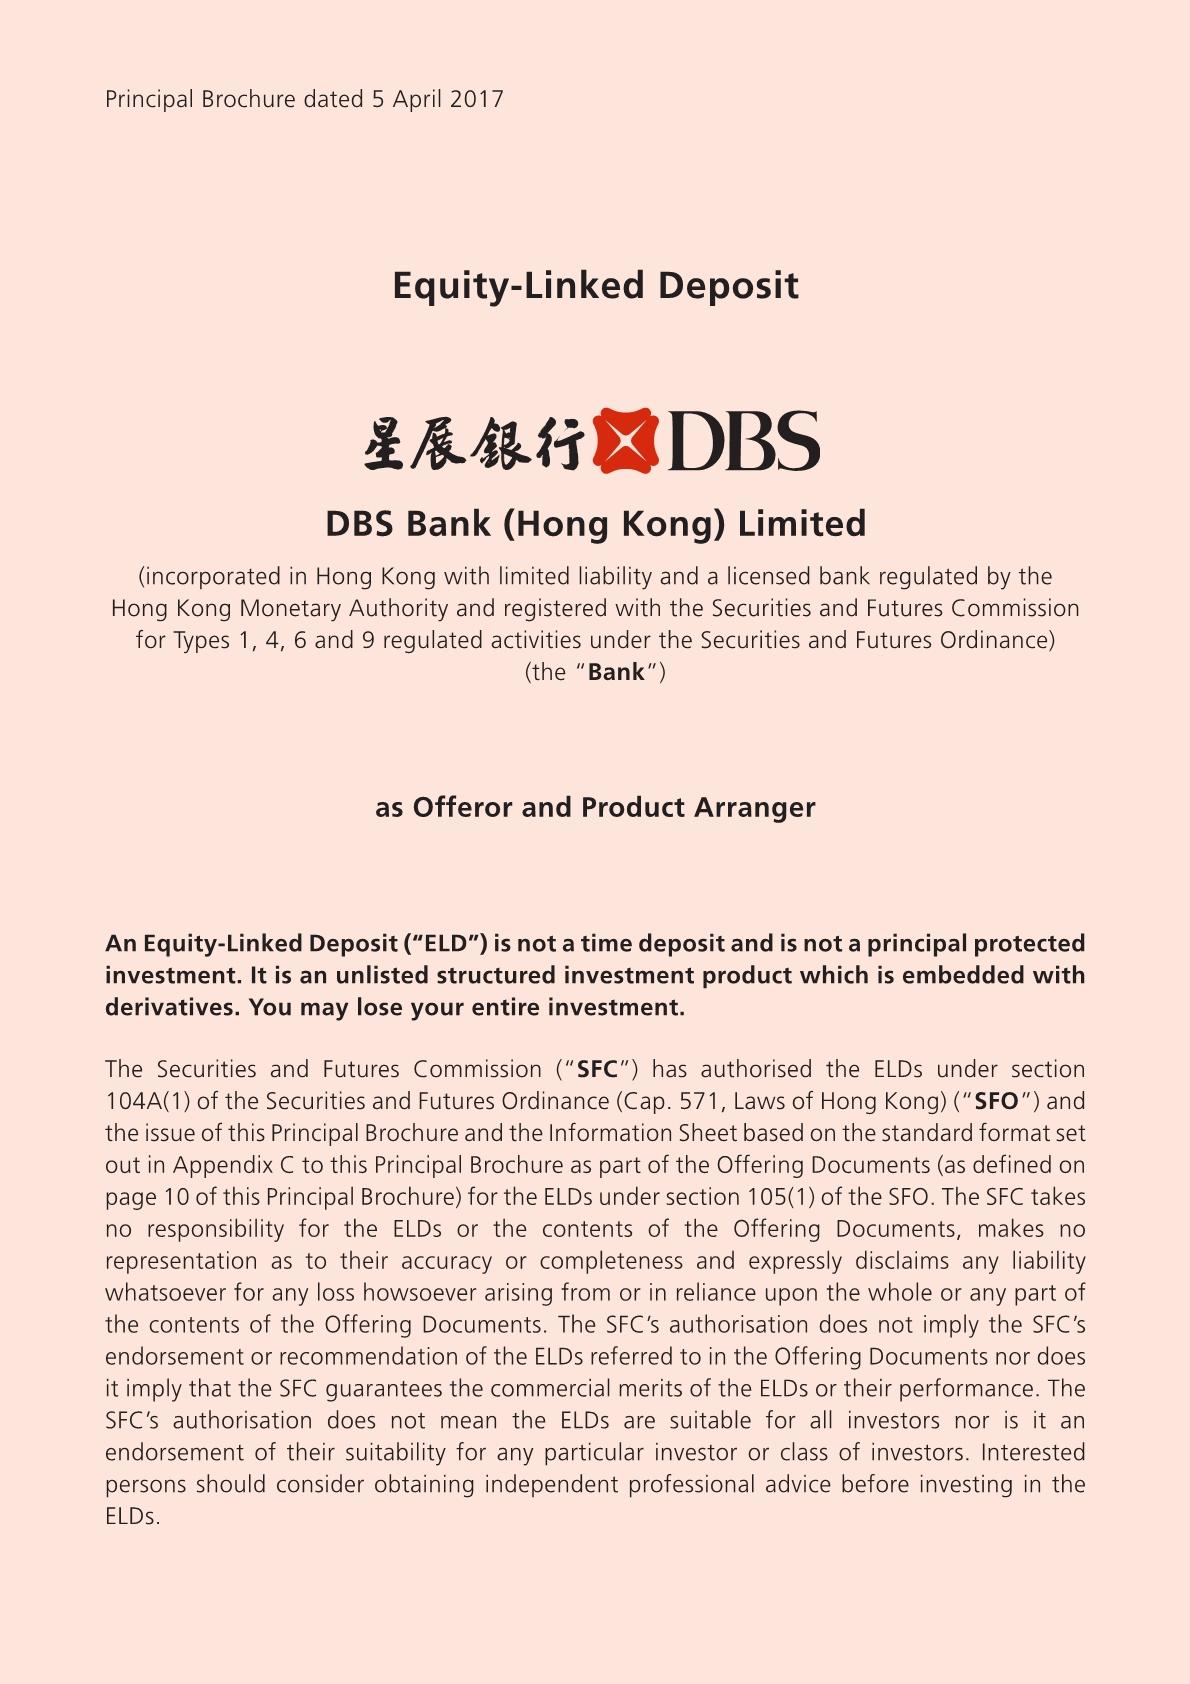 DBS Bank (Hong Kong) Limited – Princial Brochure